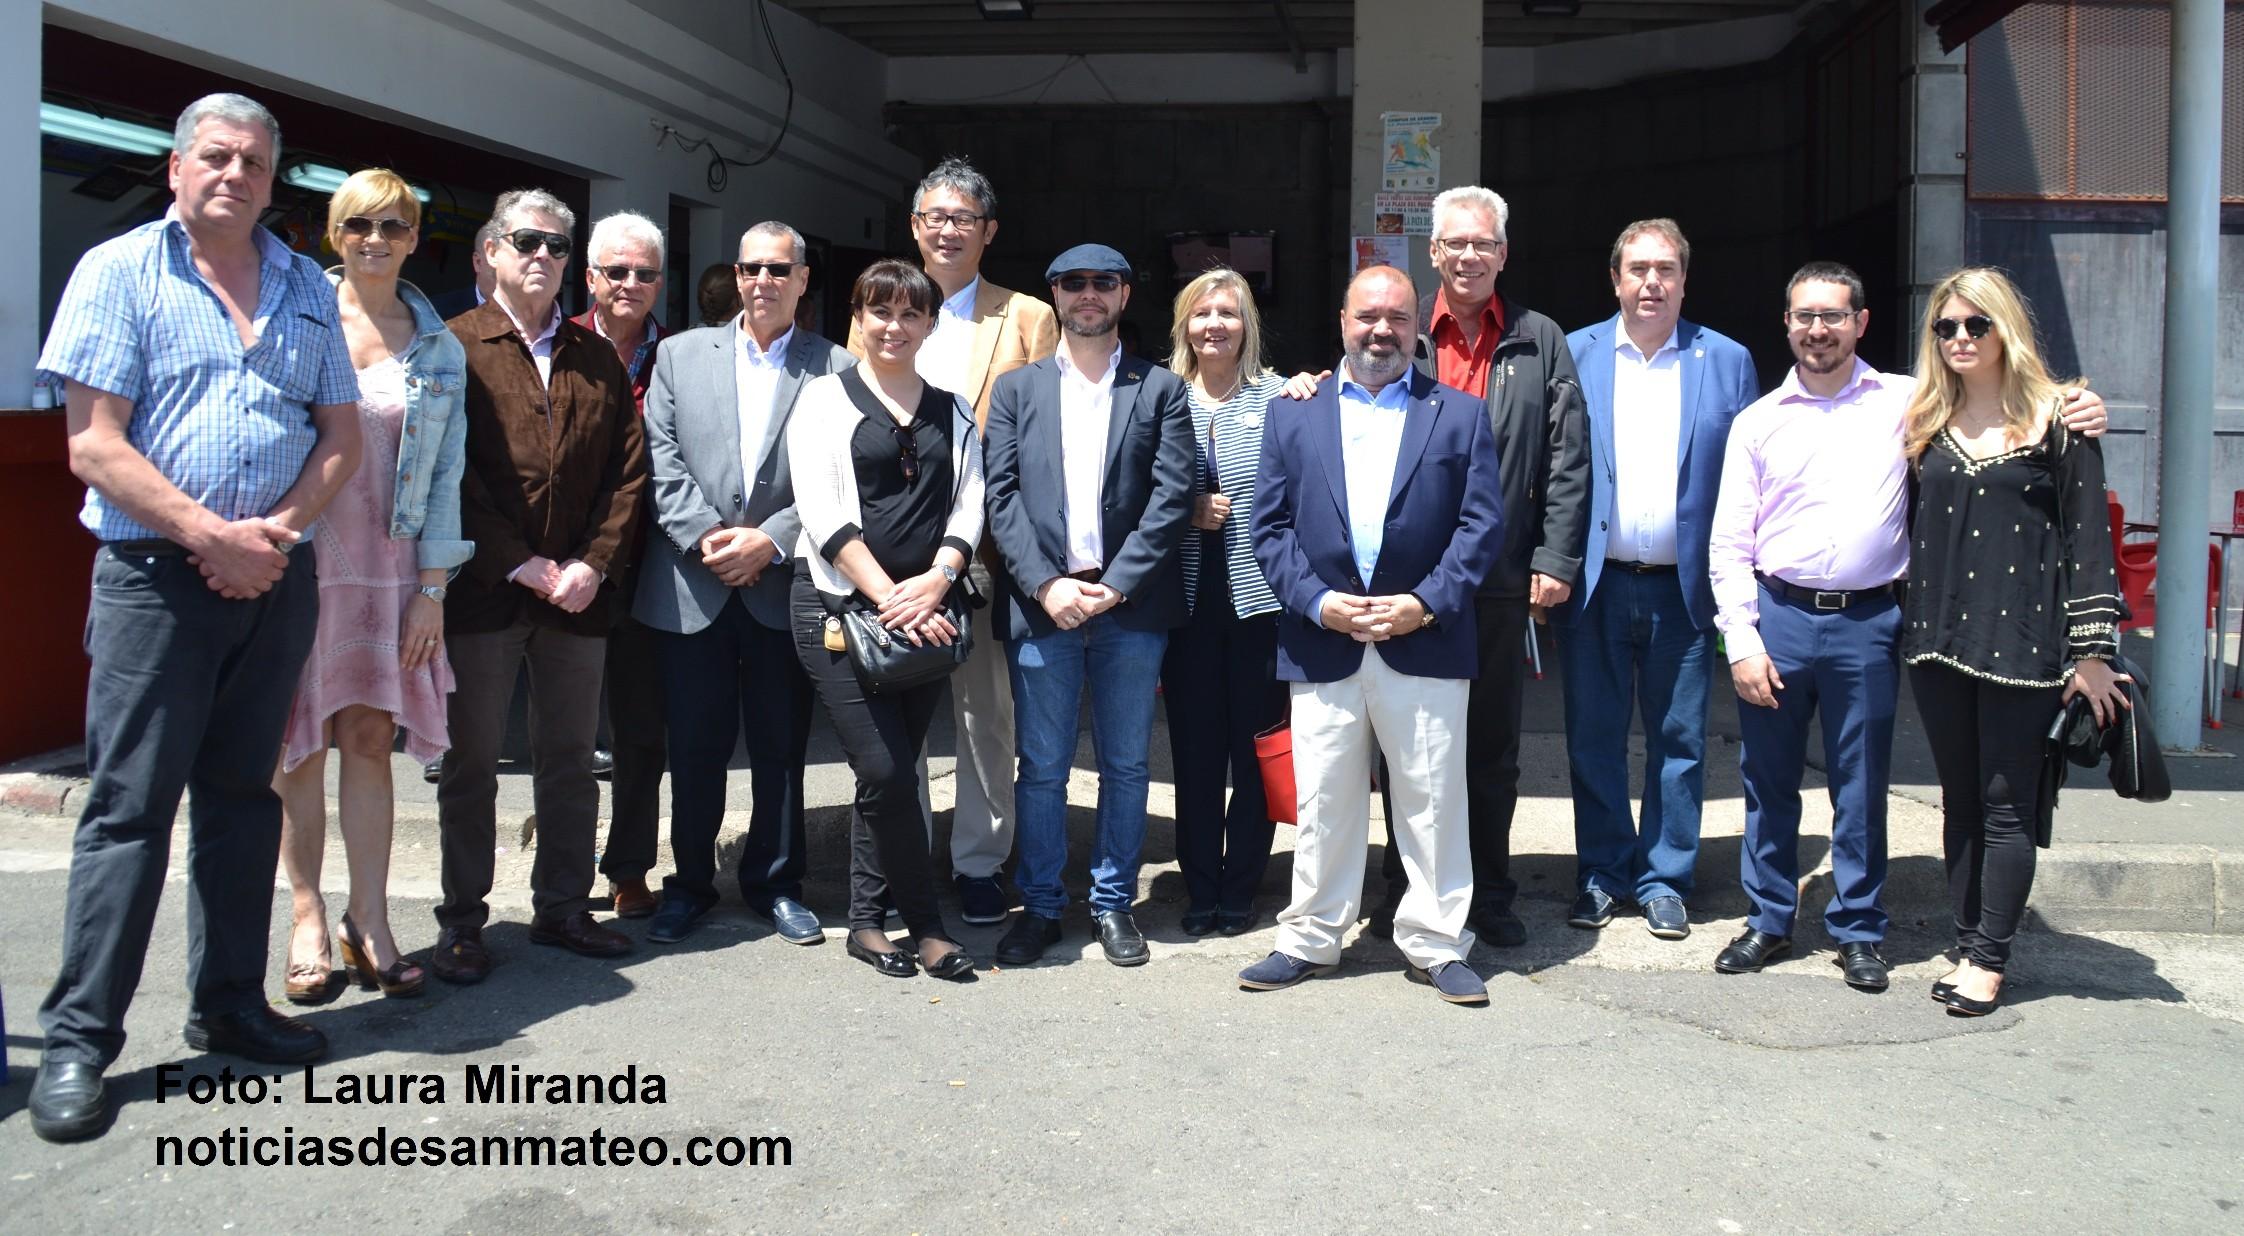 Cuerpo consular Las Palmas en San Mateo Abril de 2017